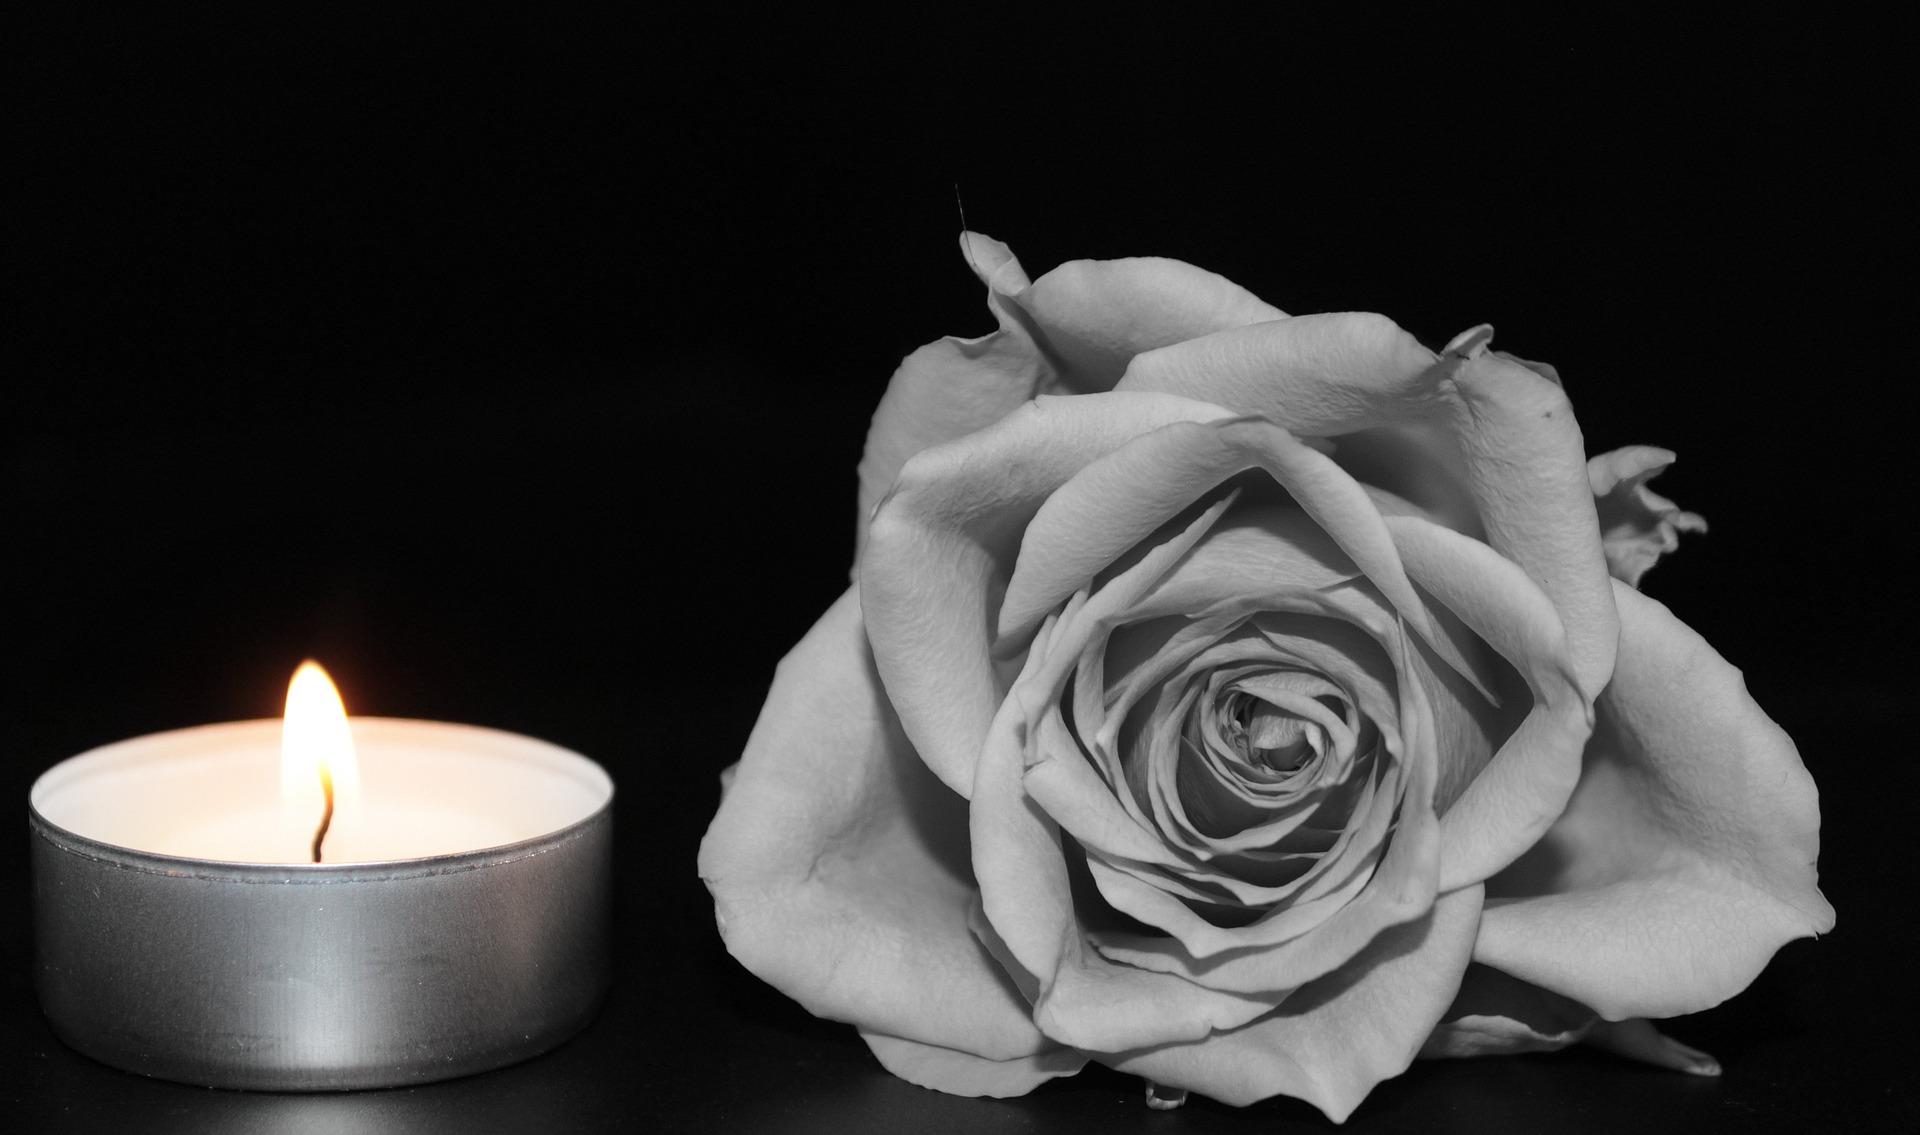 rose-1273740_1920